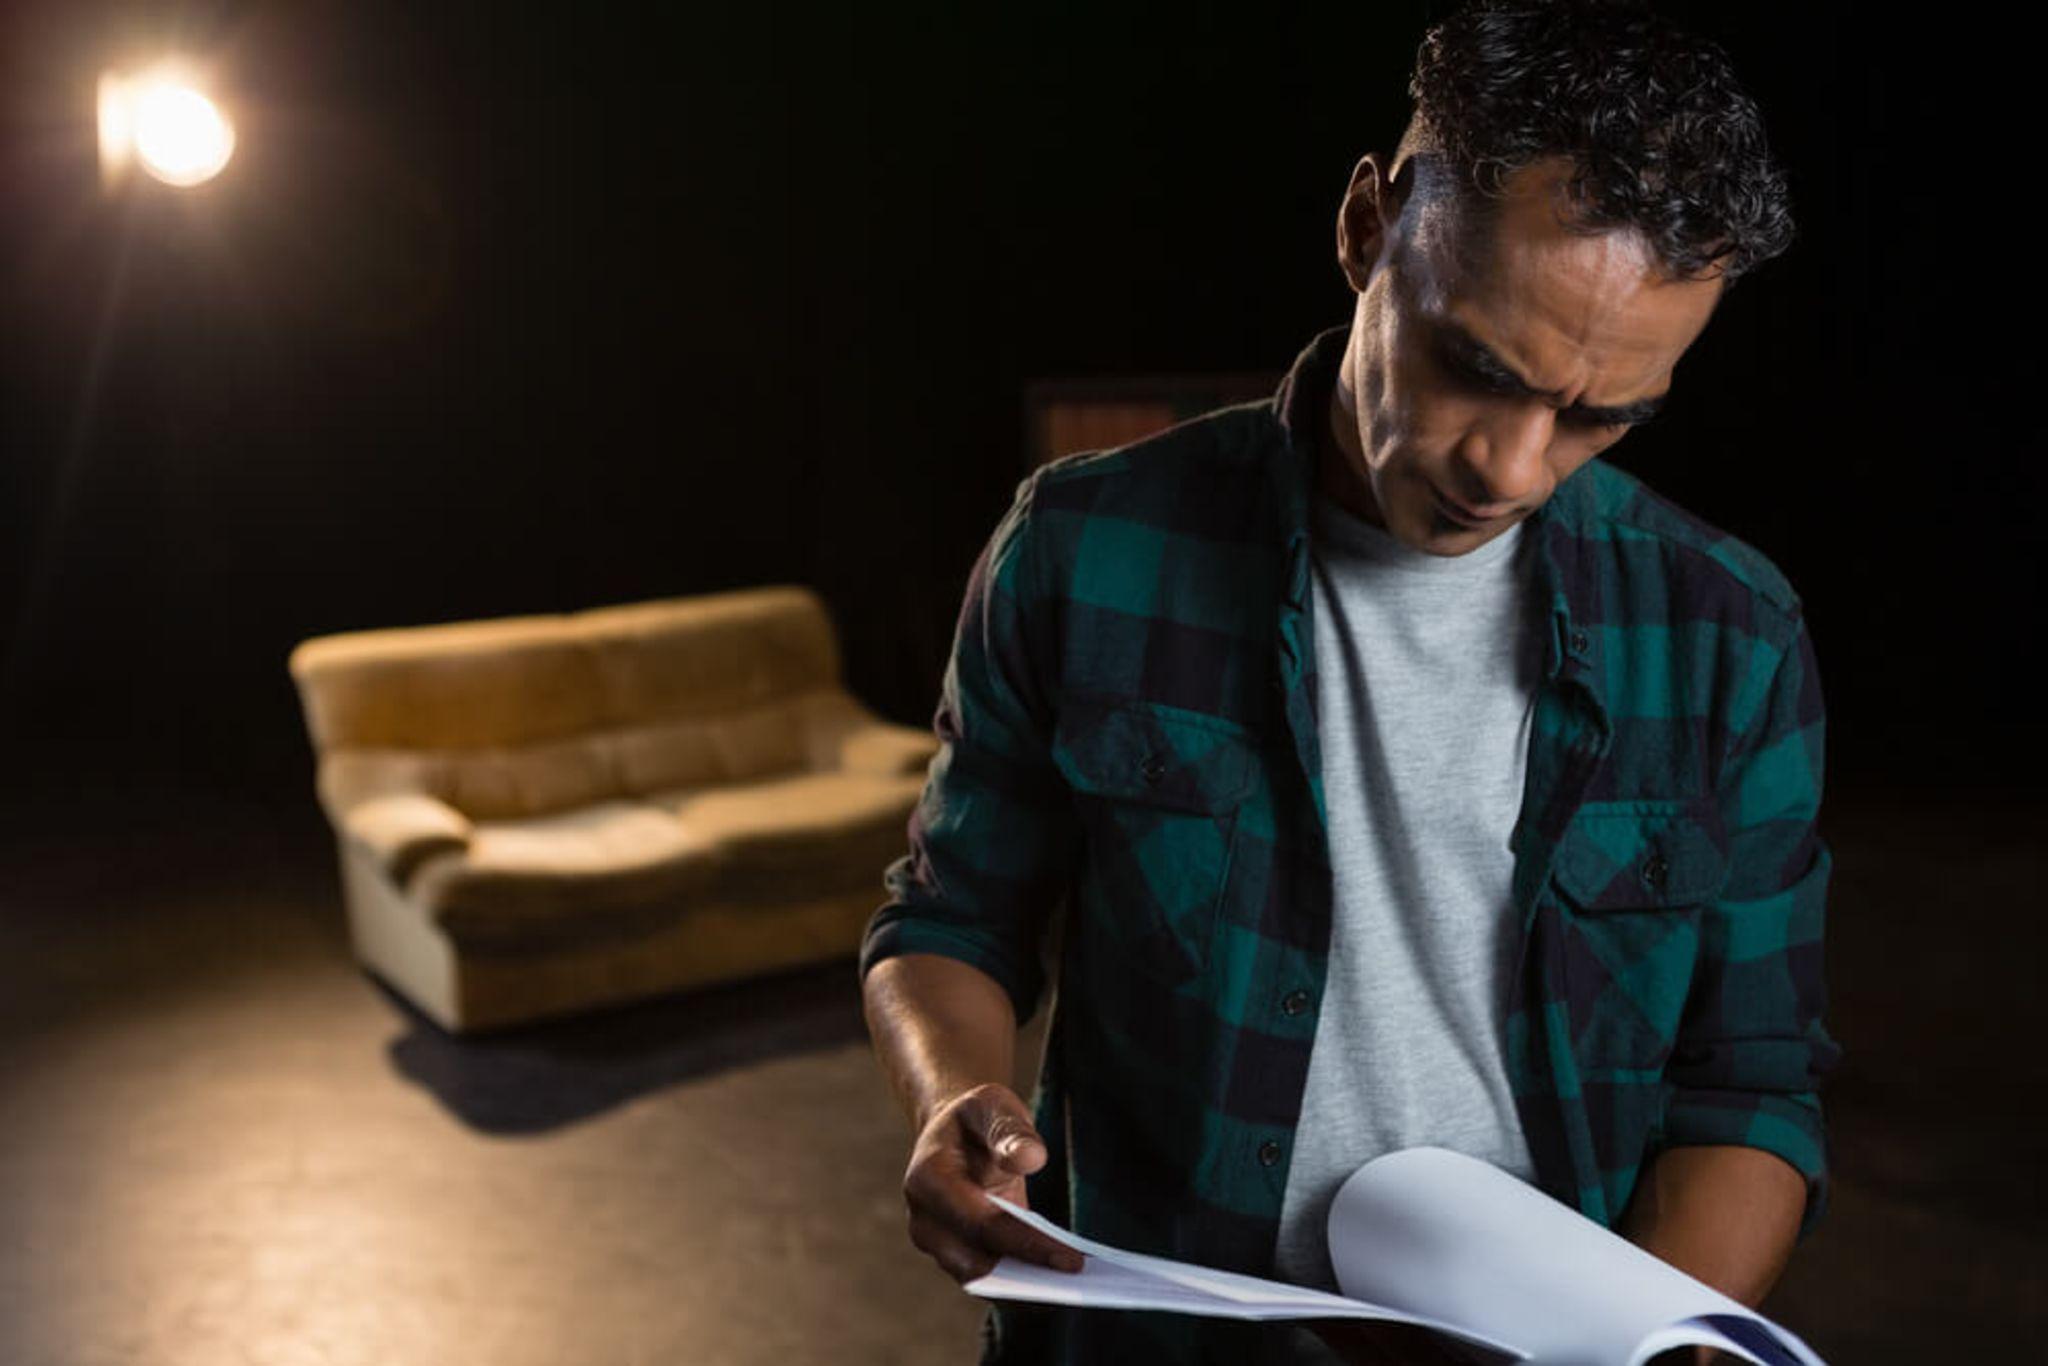 un comédien se prépare et répète son texte